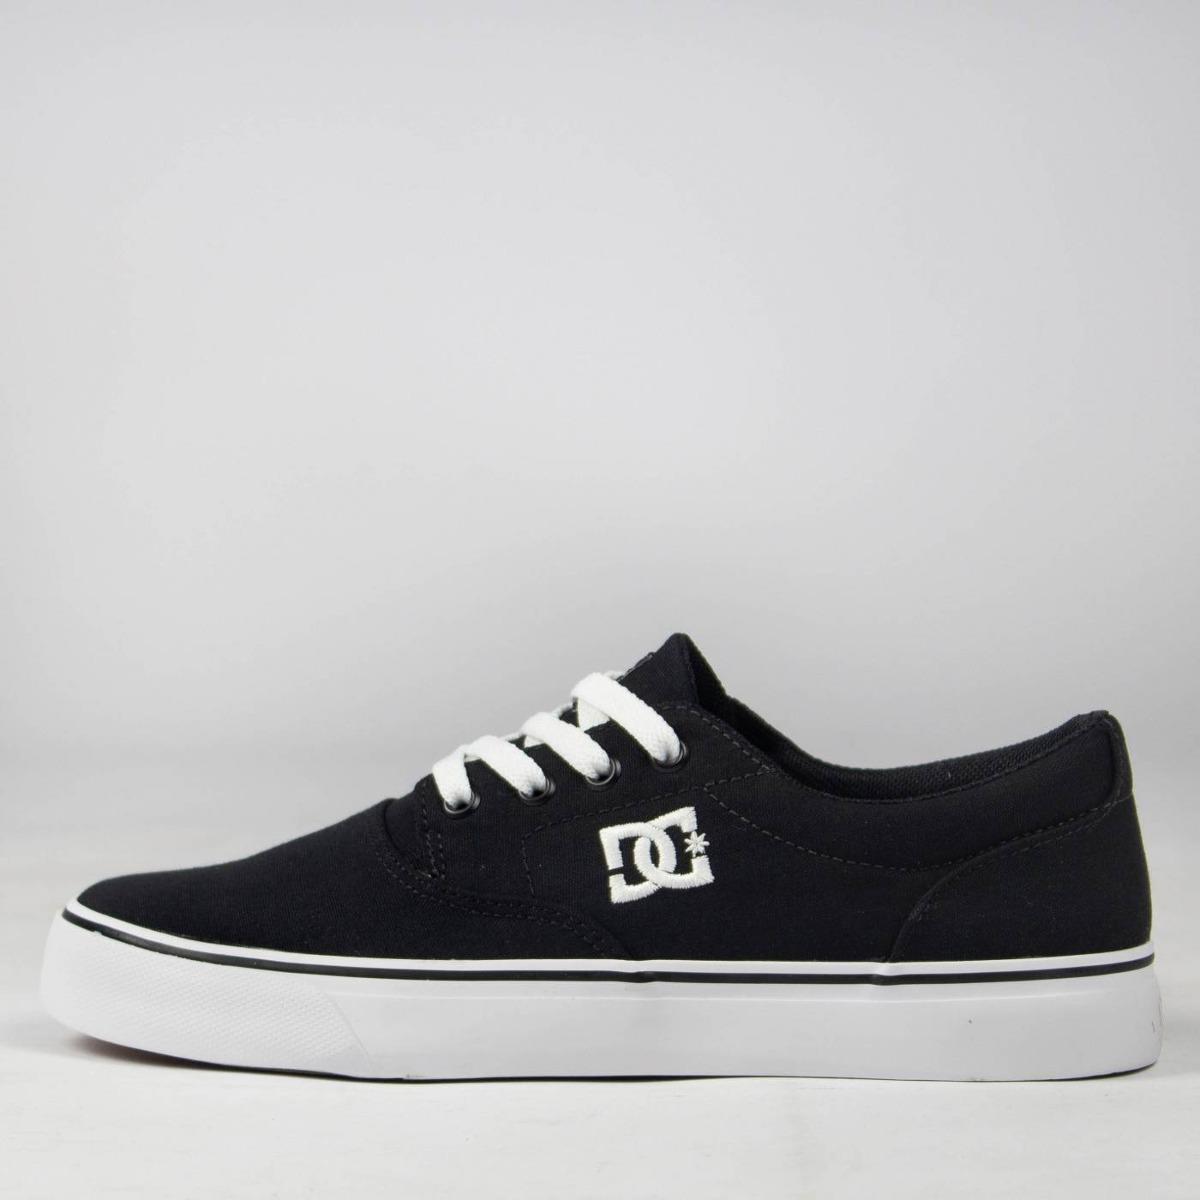 9280ac4a7f tênis skate dc shoes new flash 2 tx black white original. Carregando zoom.